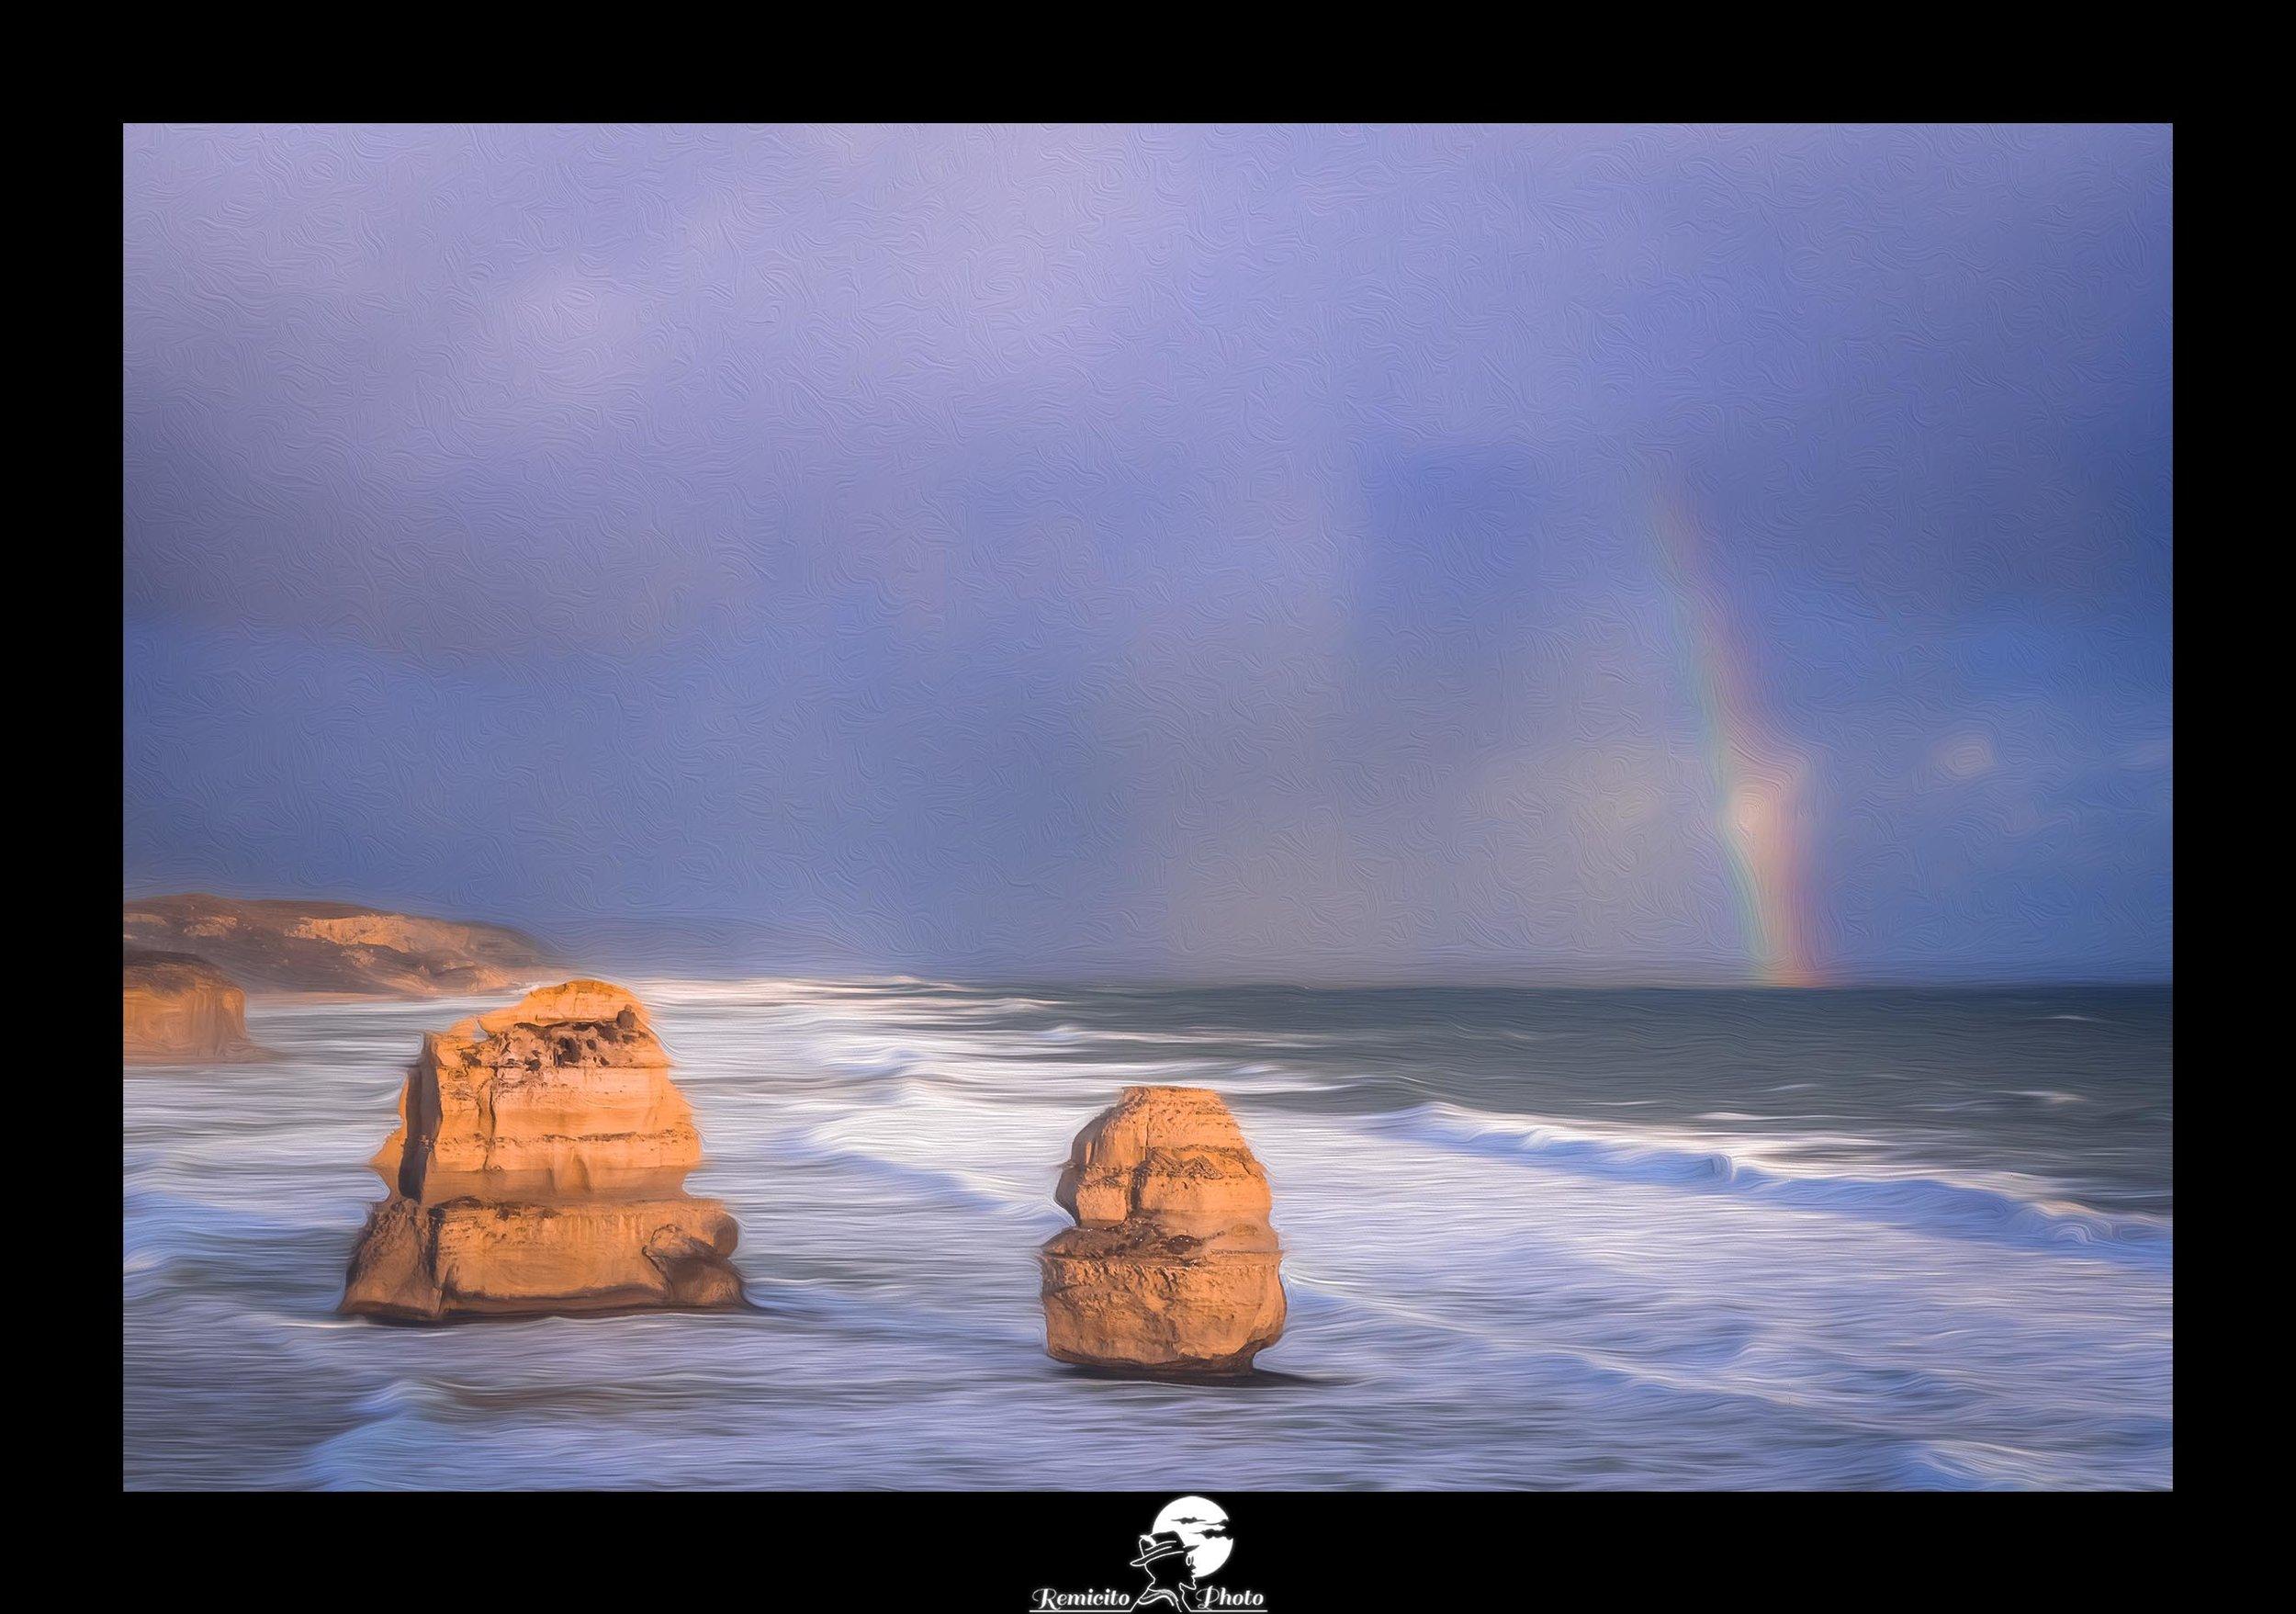 Remicito photo, remicito rémi lacombe photographe paris, belle photo remicito, idée cadeau belle photo arc en ciel, road trip australie great ocean road